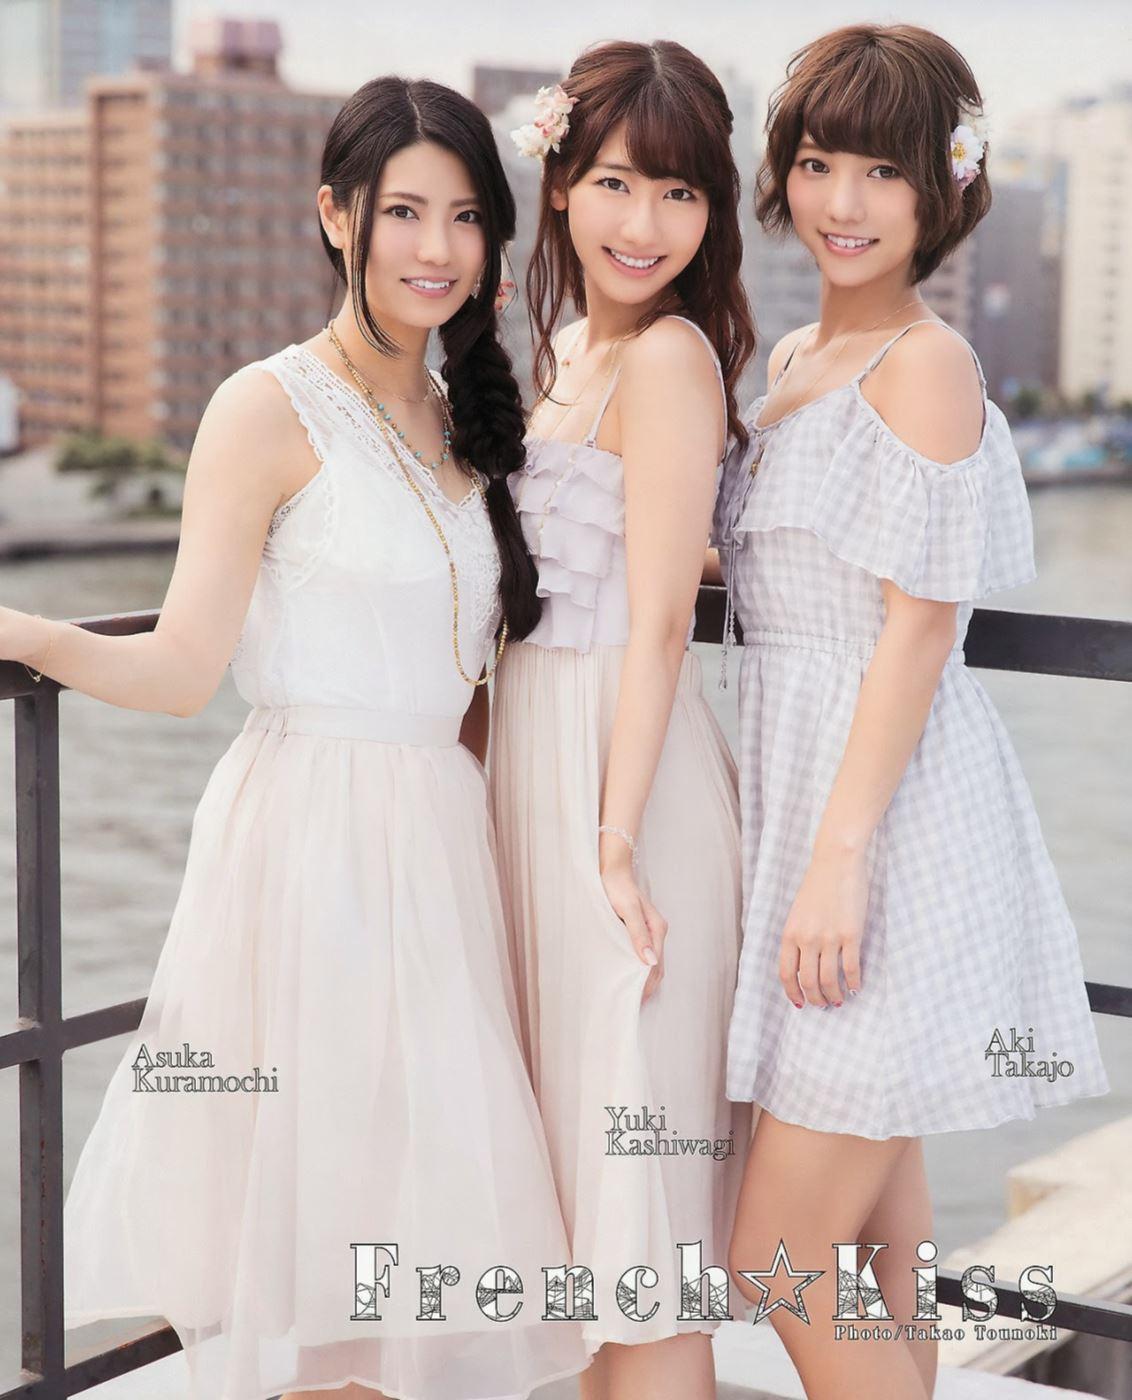 AKBを卒業した倉持明日香と高城亜樹の水着画像 86